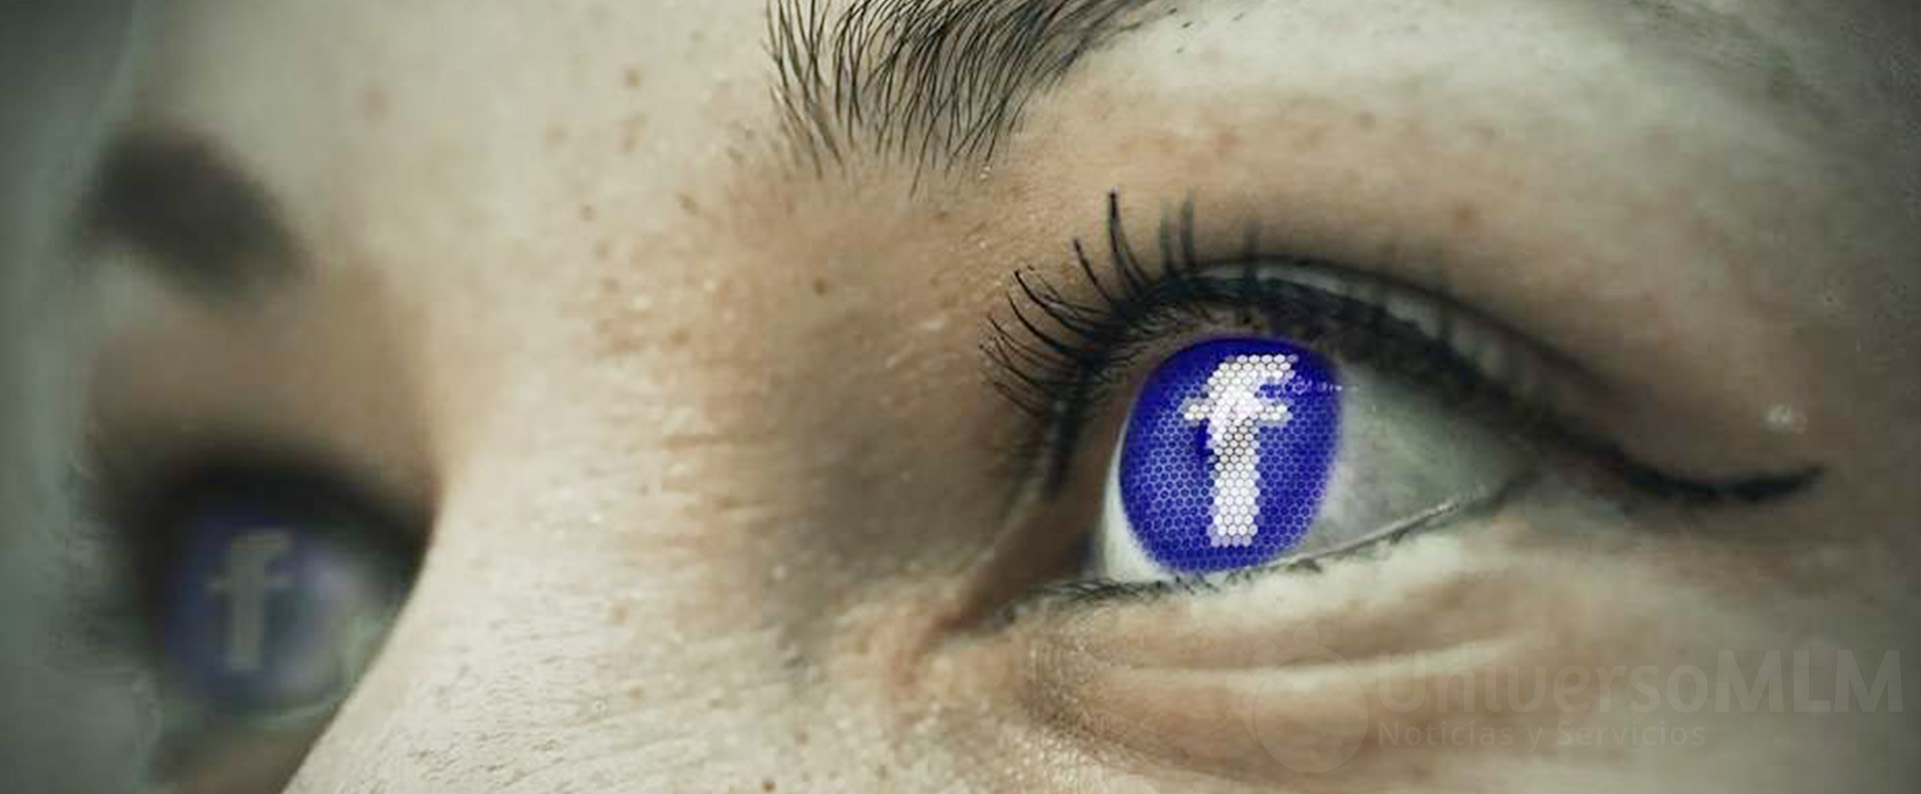 Facebook puede influir en nuestro estado de ánimo